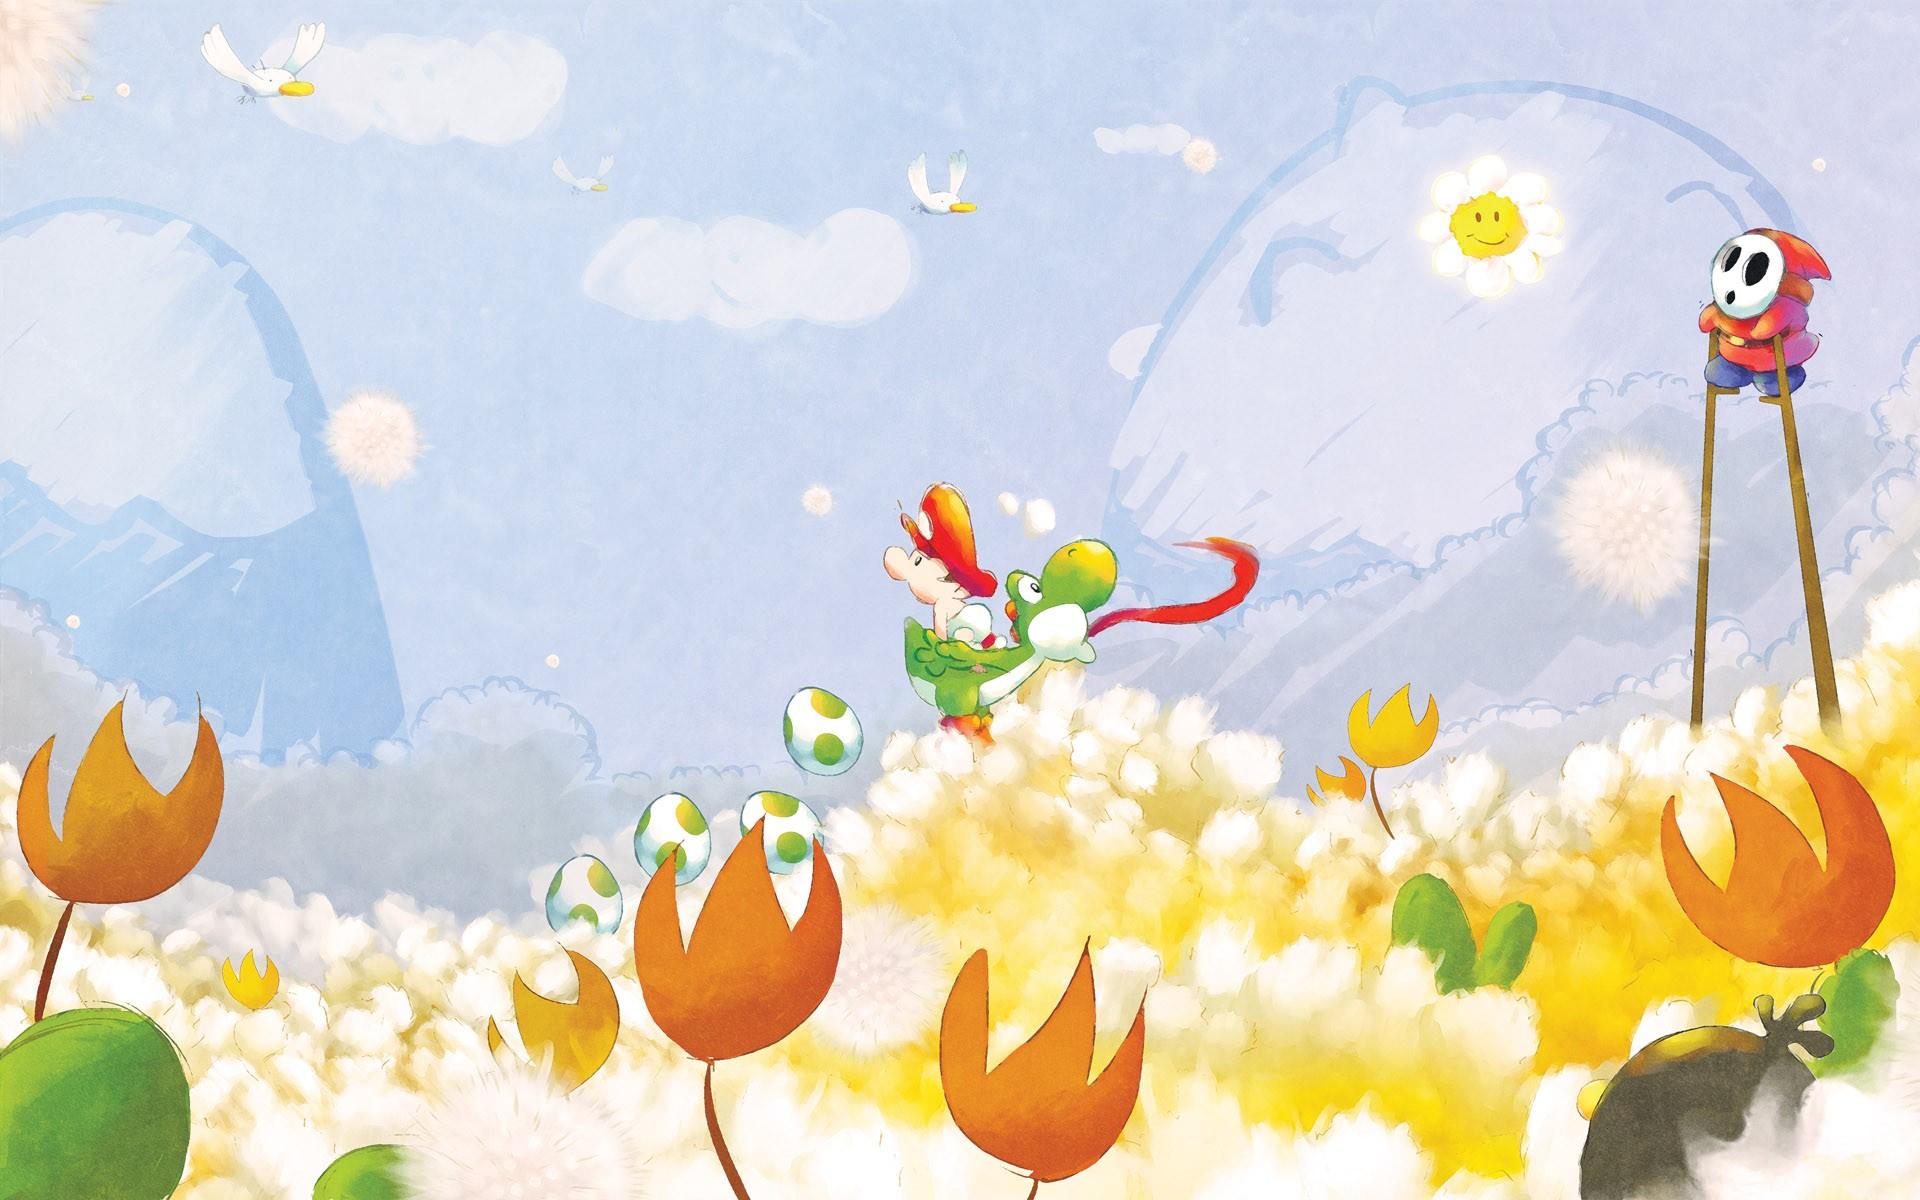 Mario bros retro - 1920x1200